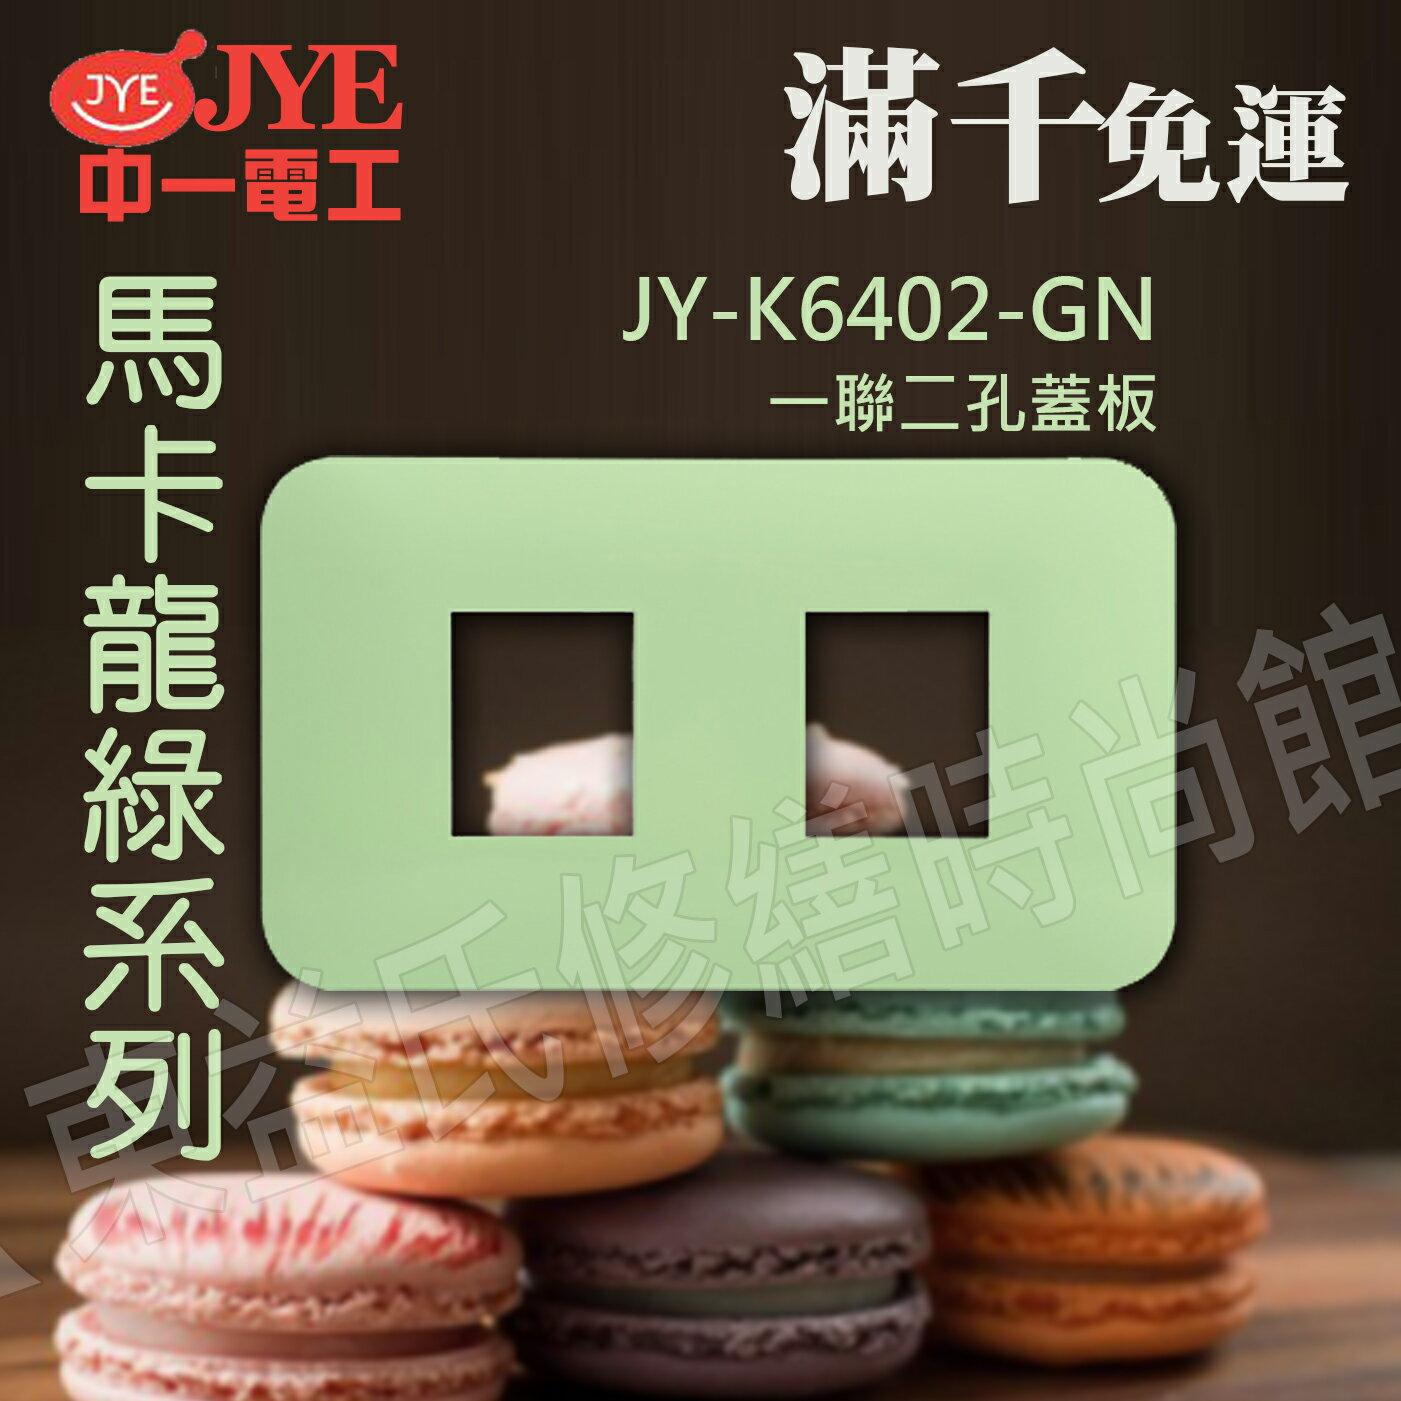 【東益氏】中一電工時尚系列-馬卡龍綠-JY-K6402-GN 一聯兩孔蓋板 另售Panasonic GLATIMA全系列 星光全系列 開關 插座 蓋板